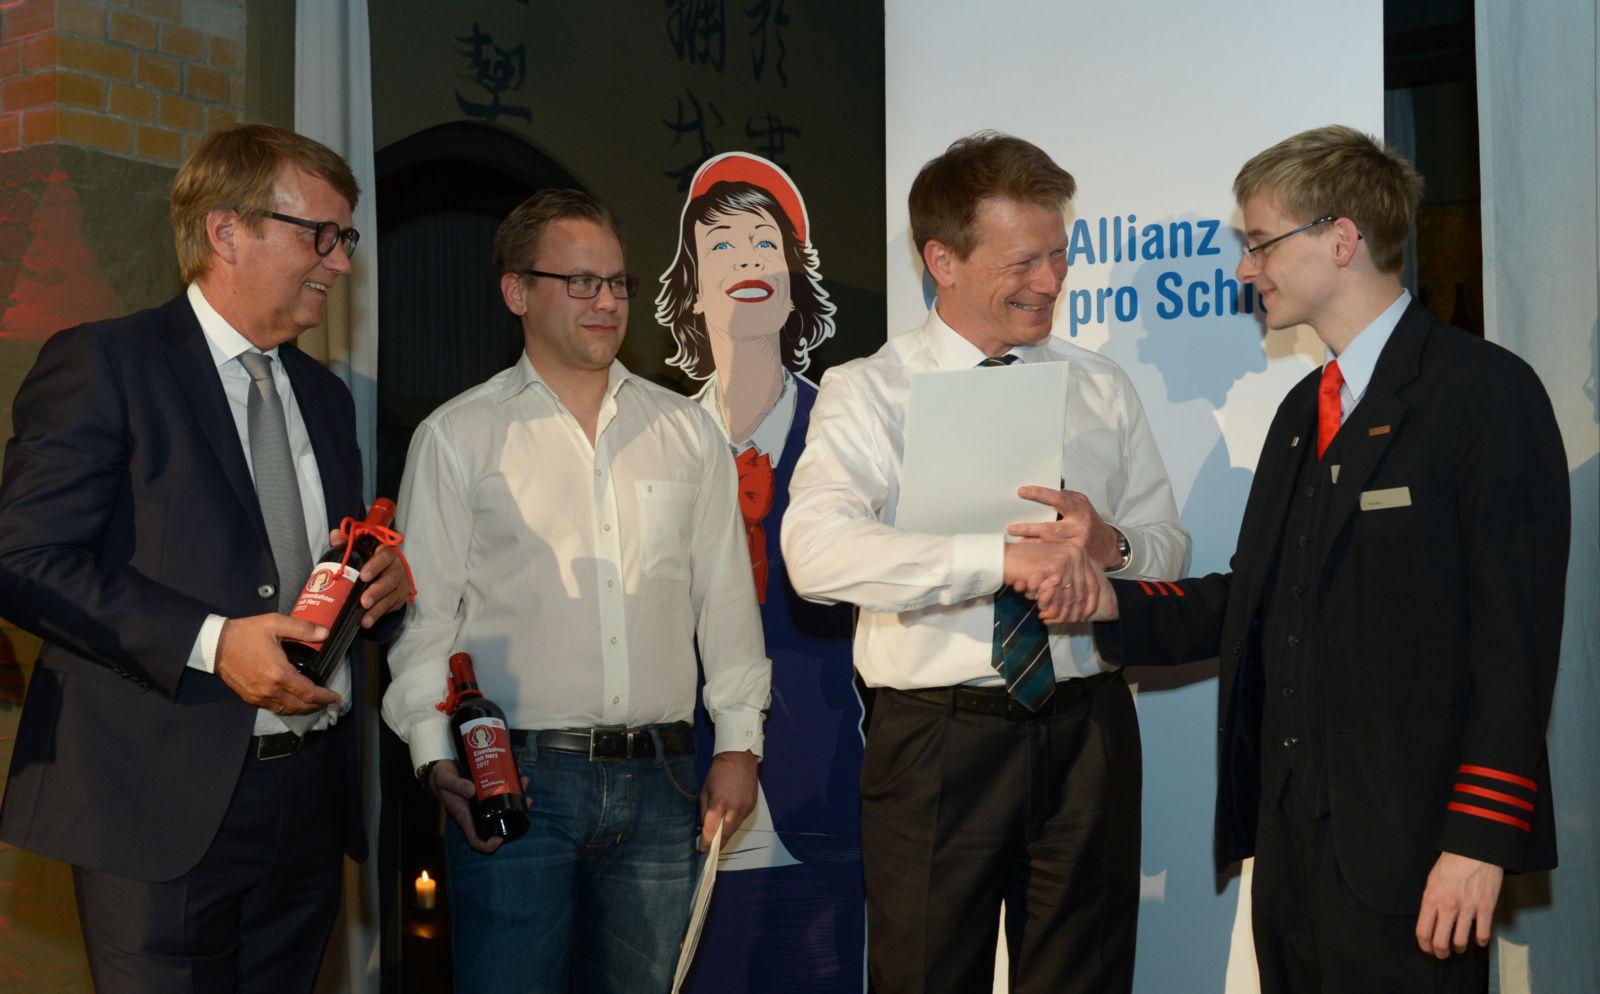 Bringt alle Fahrgäste sicher an ihr Ziel: Bahnchef Lutz gratuliert Zugbegleiter Christian Mainka